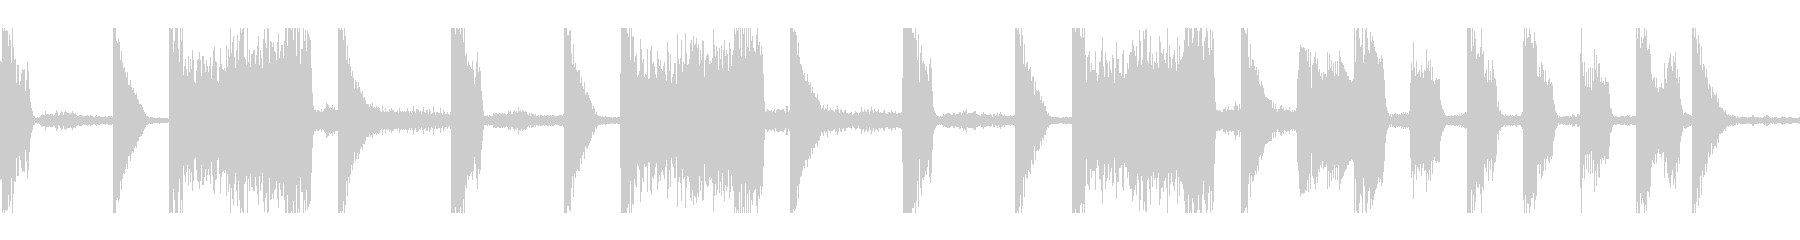 得点表示など向けのポップなループの未再生の波形